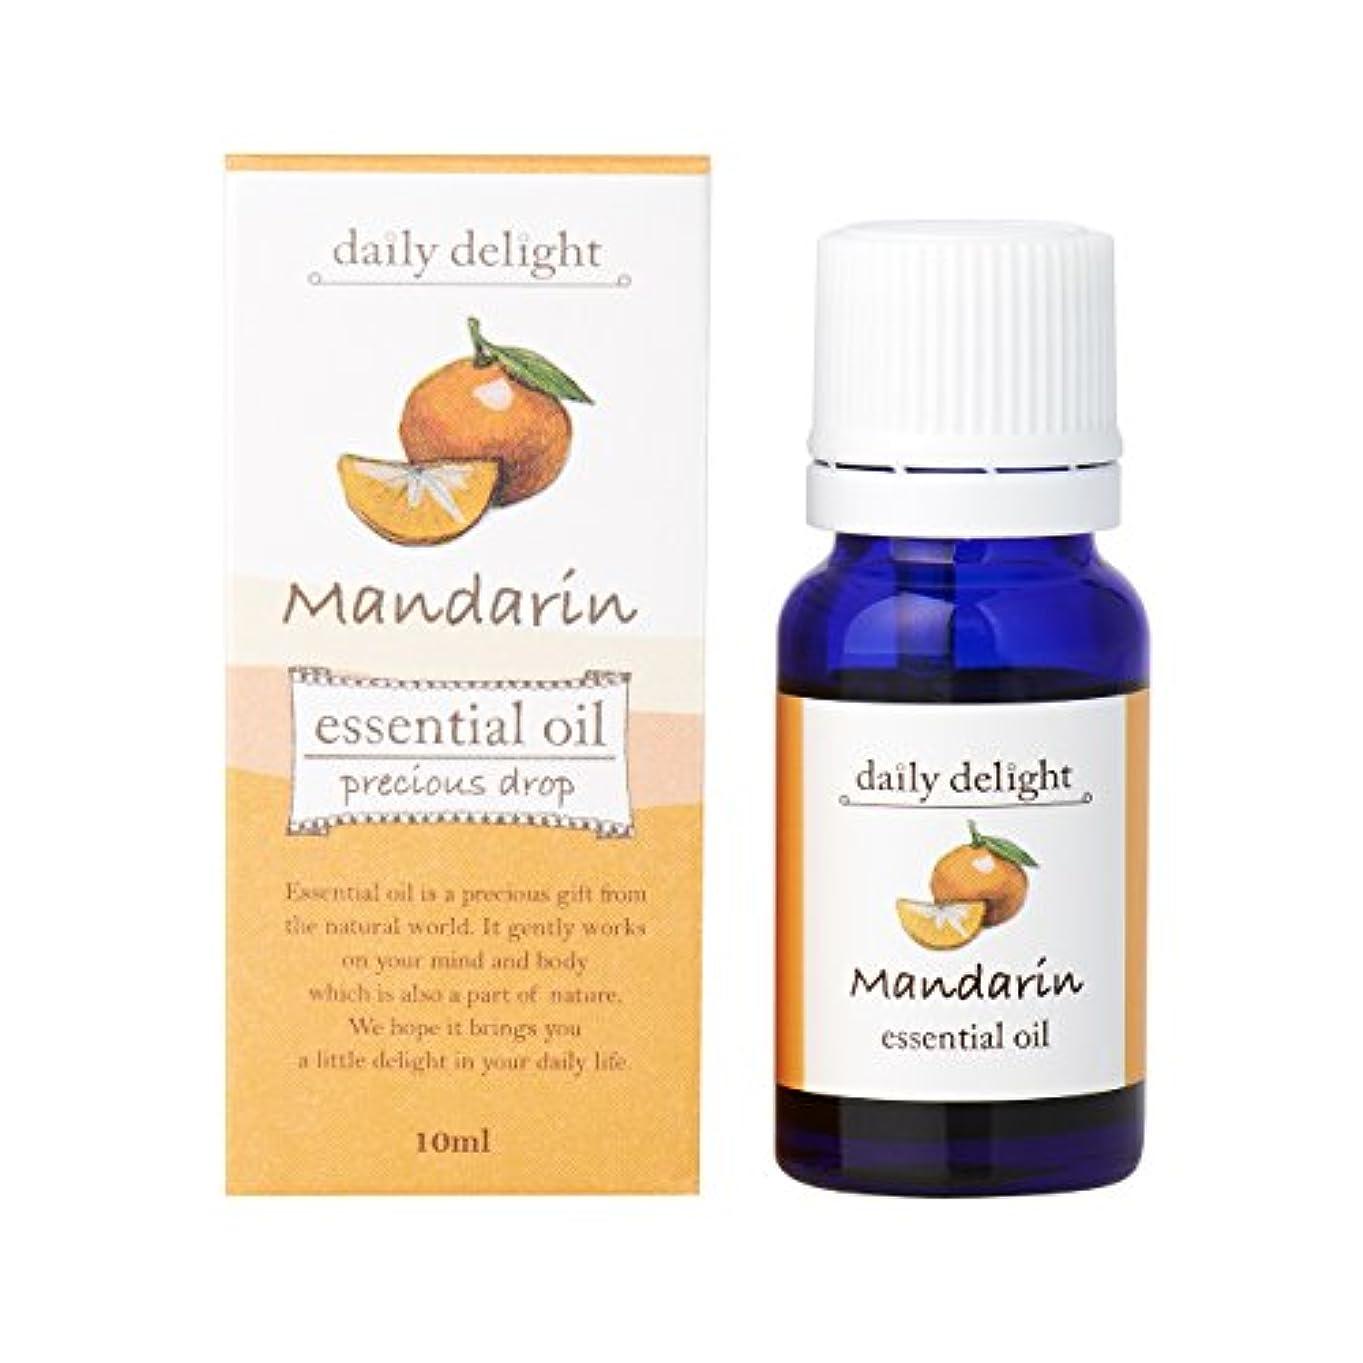 飢アクティビティライムデイリーディライト エッセンシャルオイル  マンダリン 10ml(天然100% 精油 アロマ 柑橘系 オレンジに似ているがより穏やかで落ち着いた印象の香り)